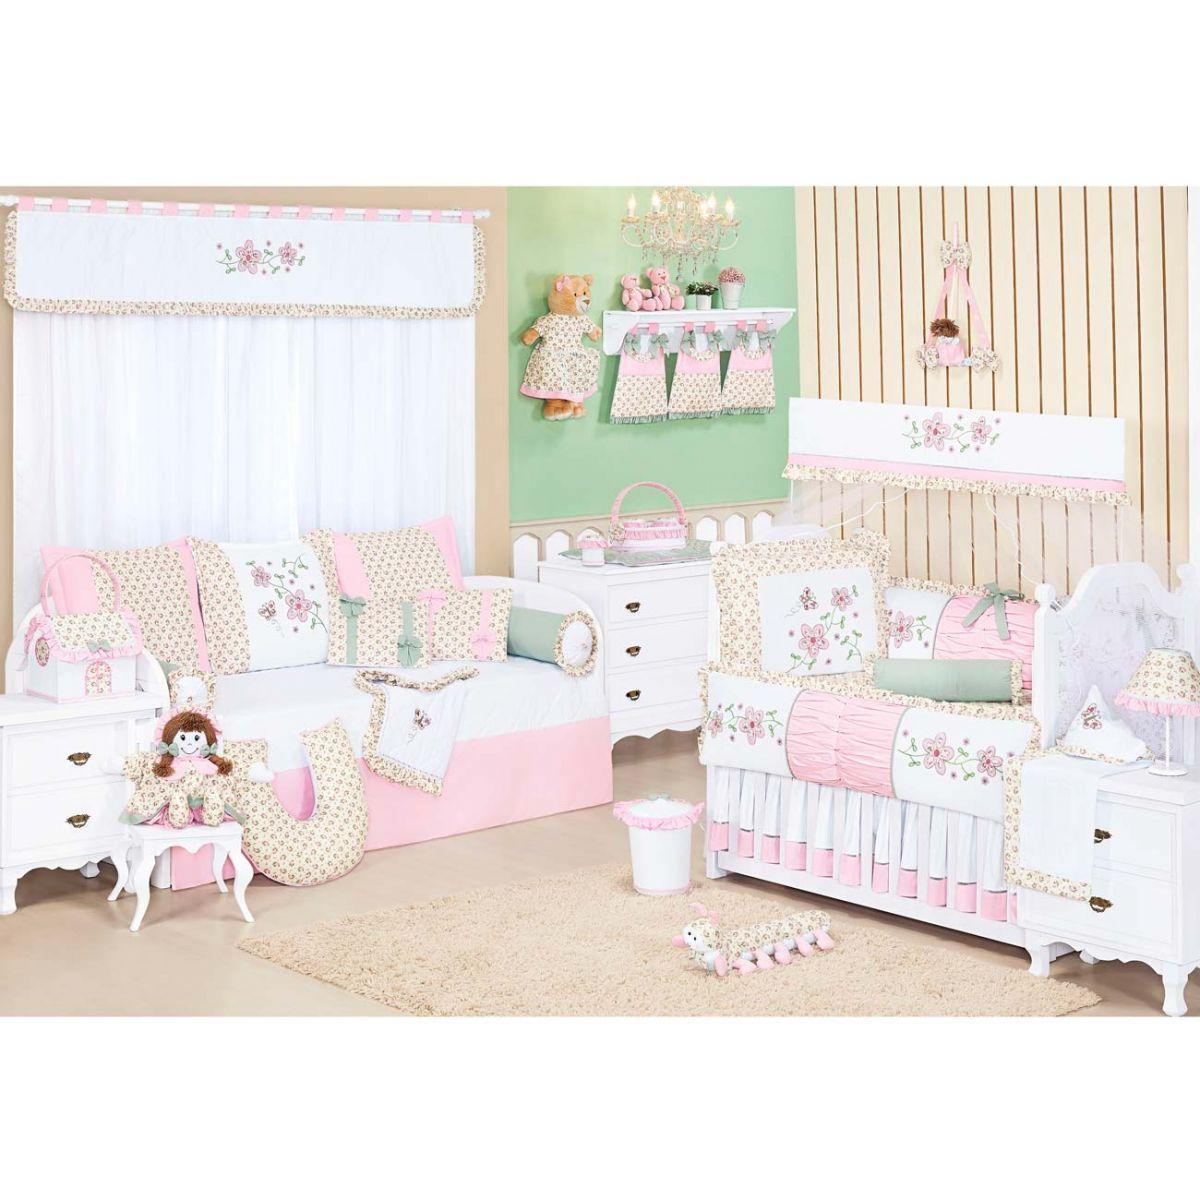 Farmacinha Enfeitada para Quarto de Bebê Coleção Baby Florence - Rosa